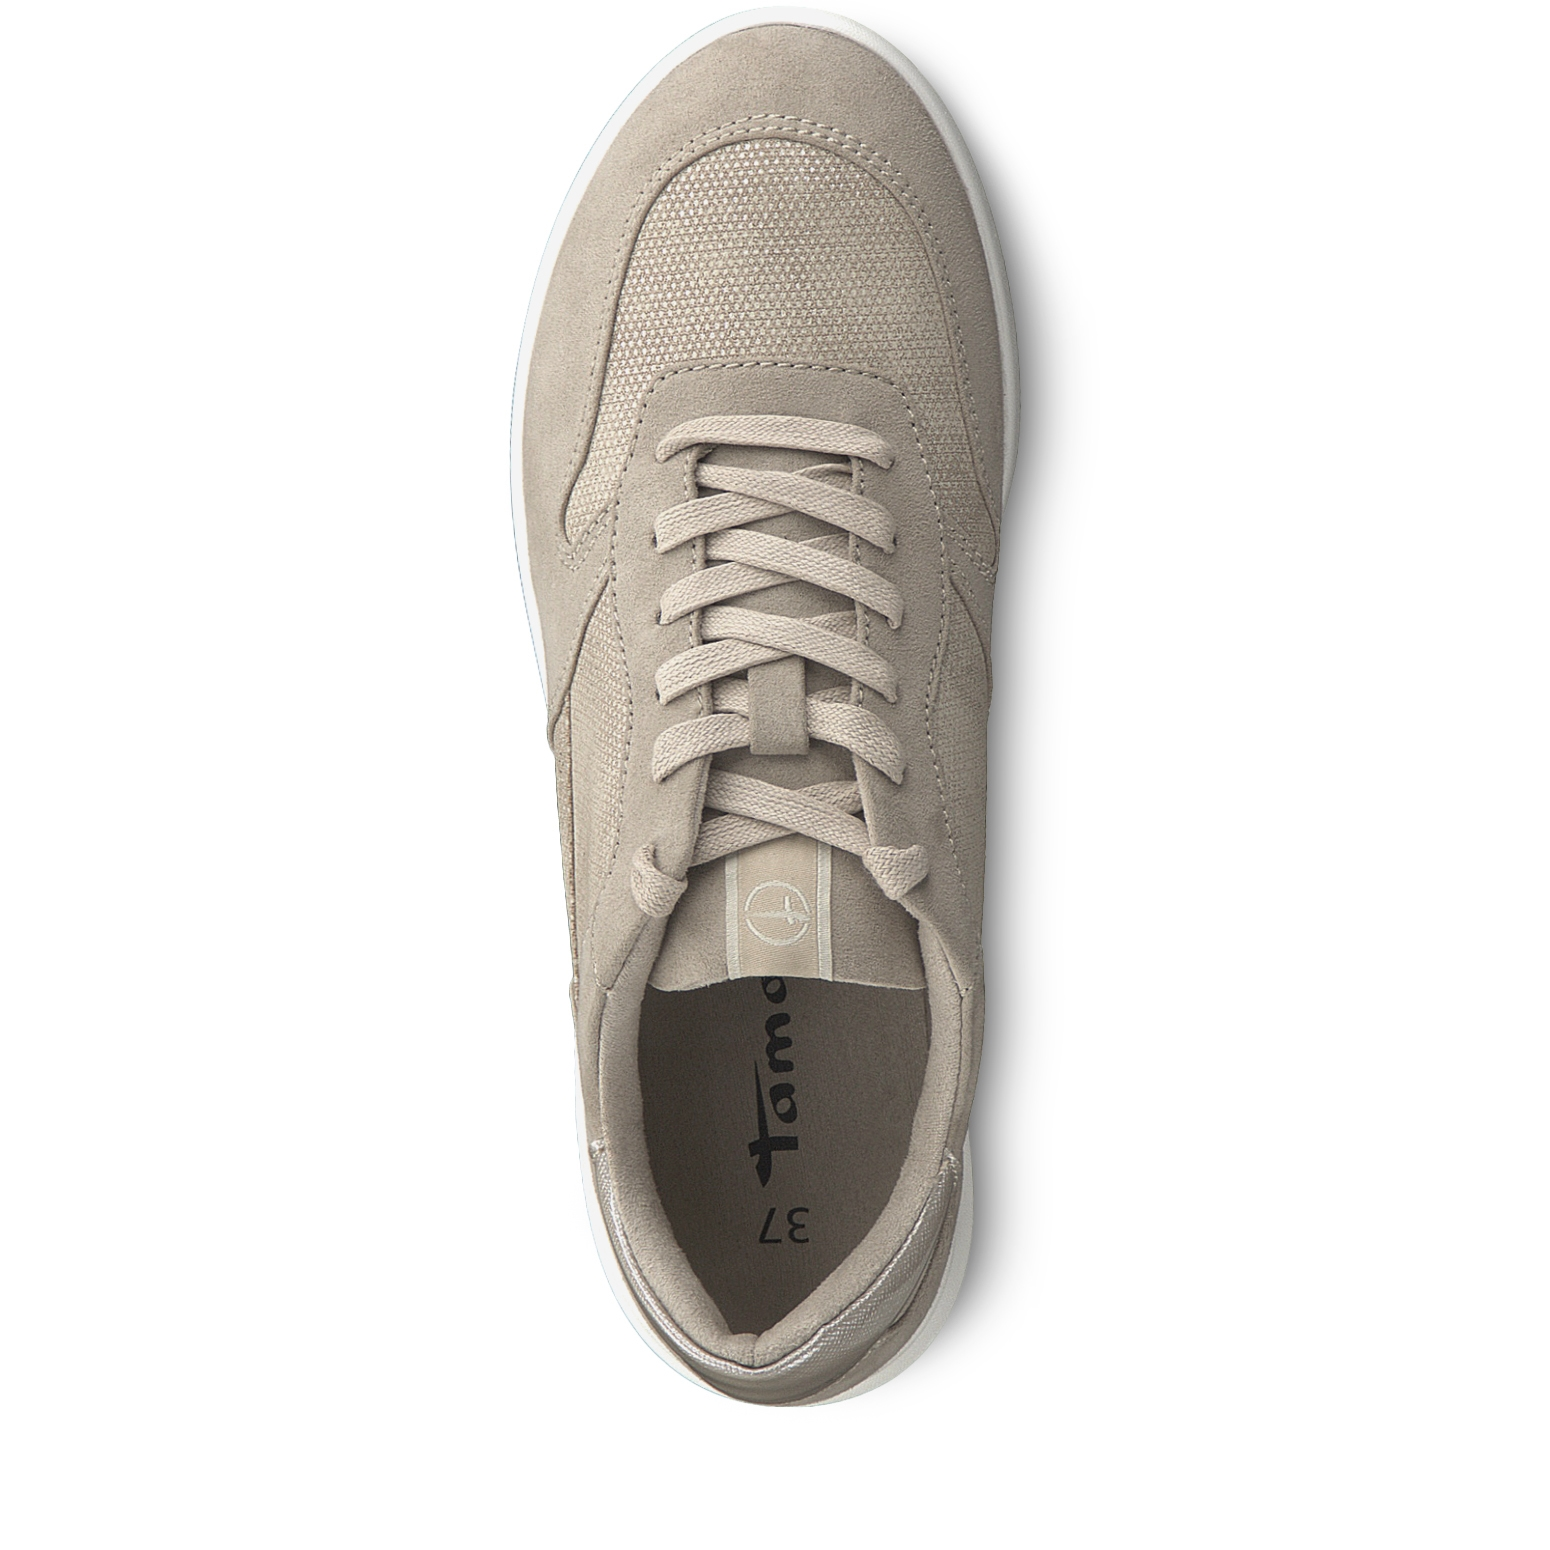 Tamaris Daralis Sneaker beige CQMS7ZBJ